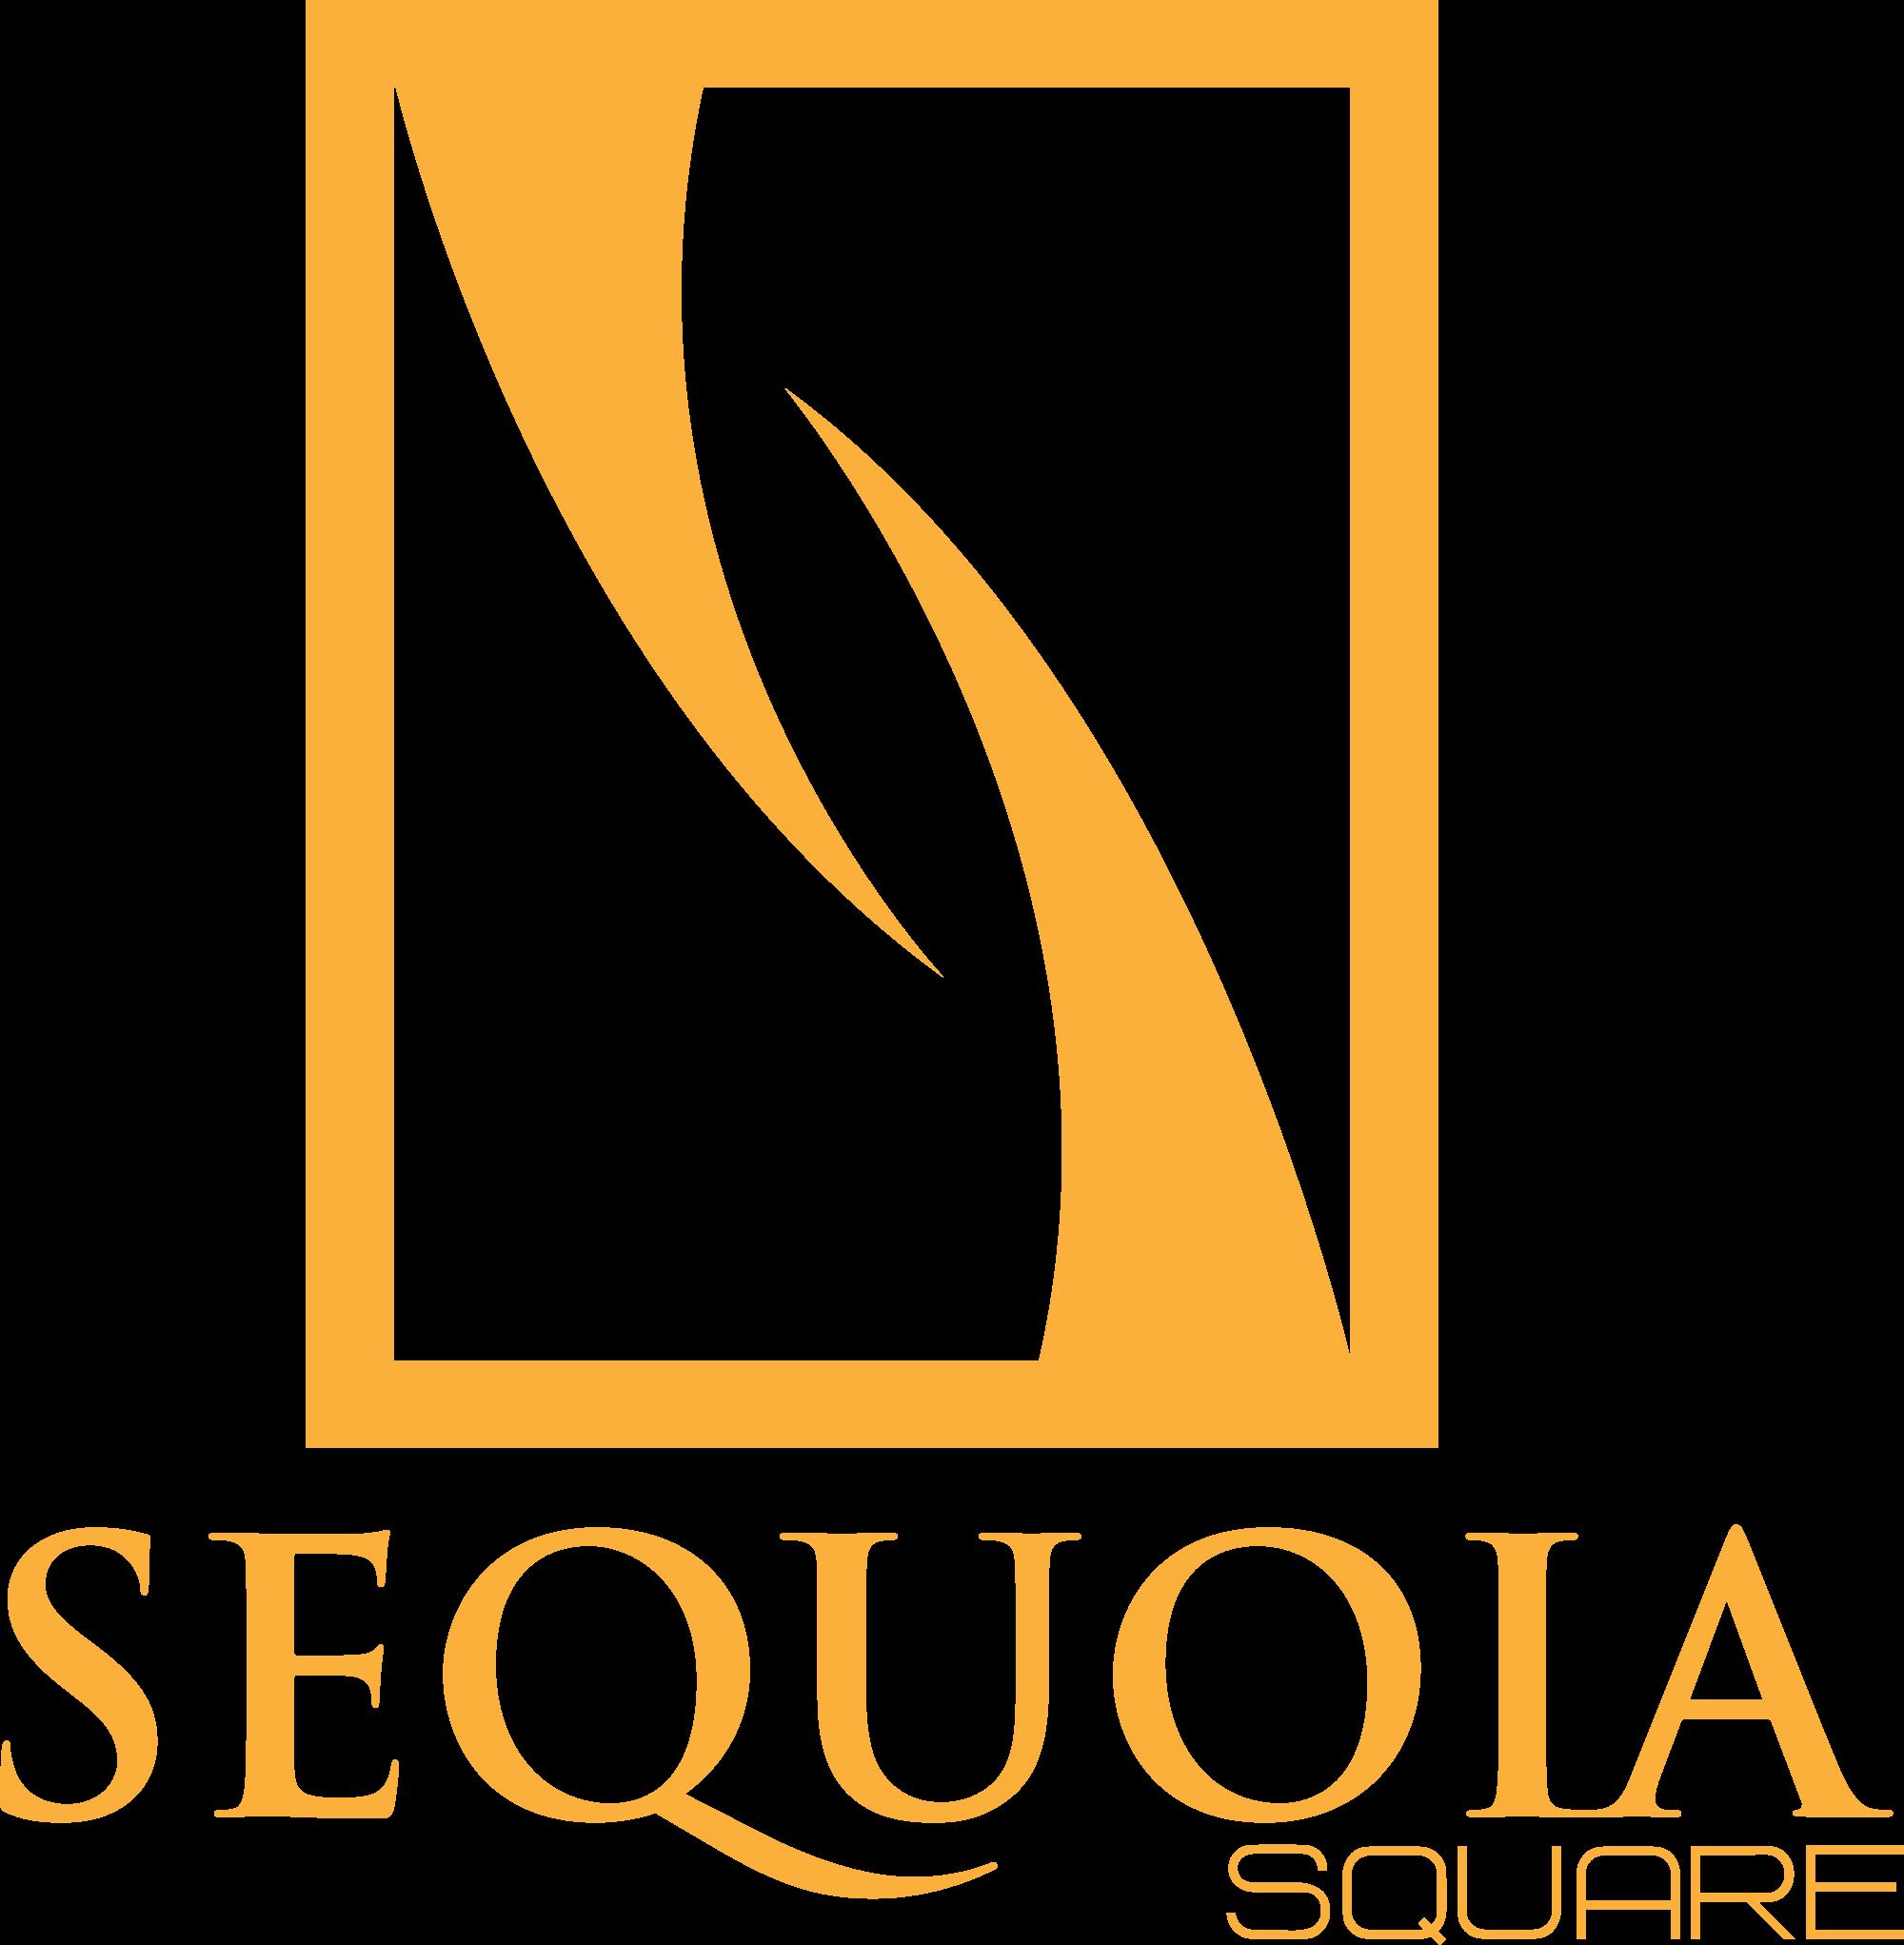 SequoiaSquare